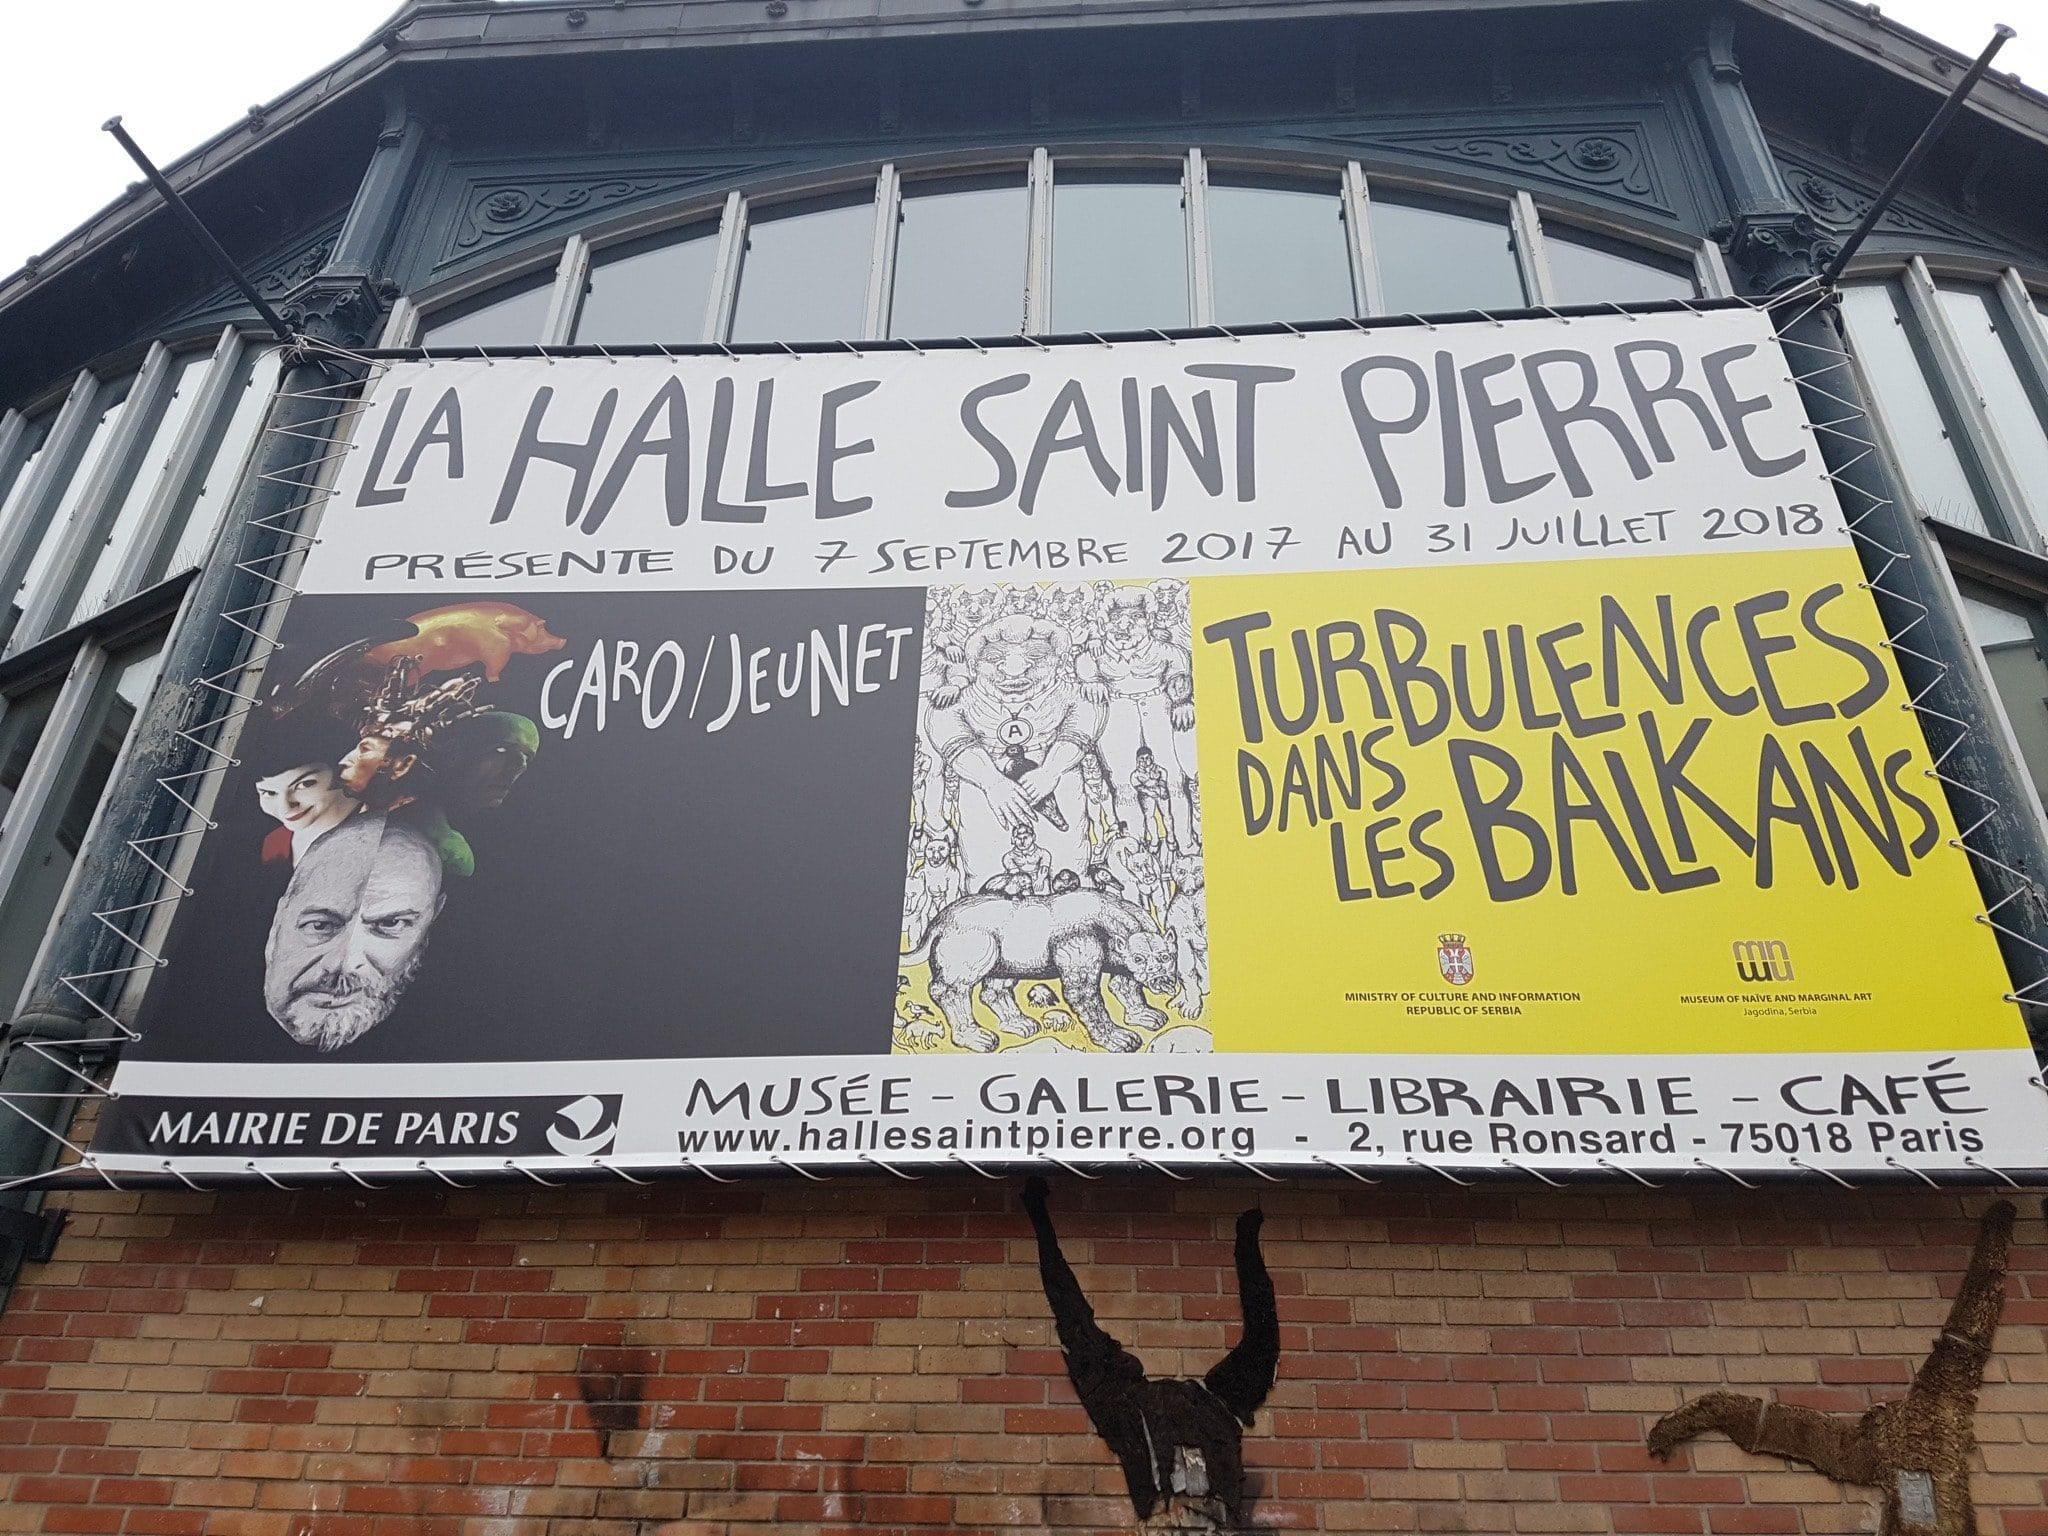 exposition Caro Jeunet La Halle Saint Pierre image-1